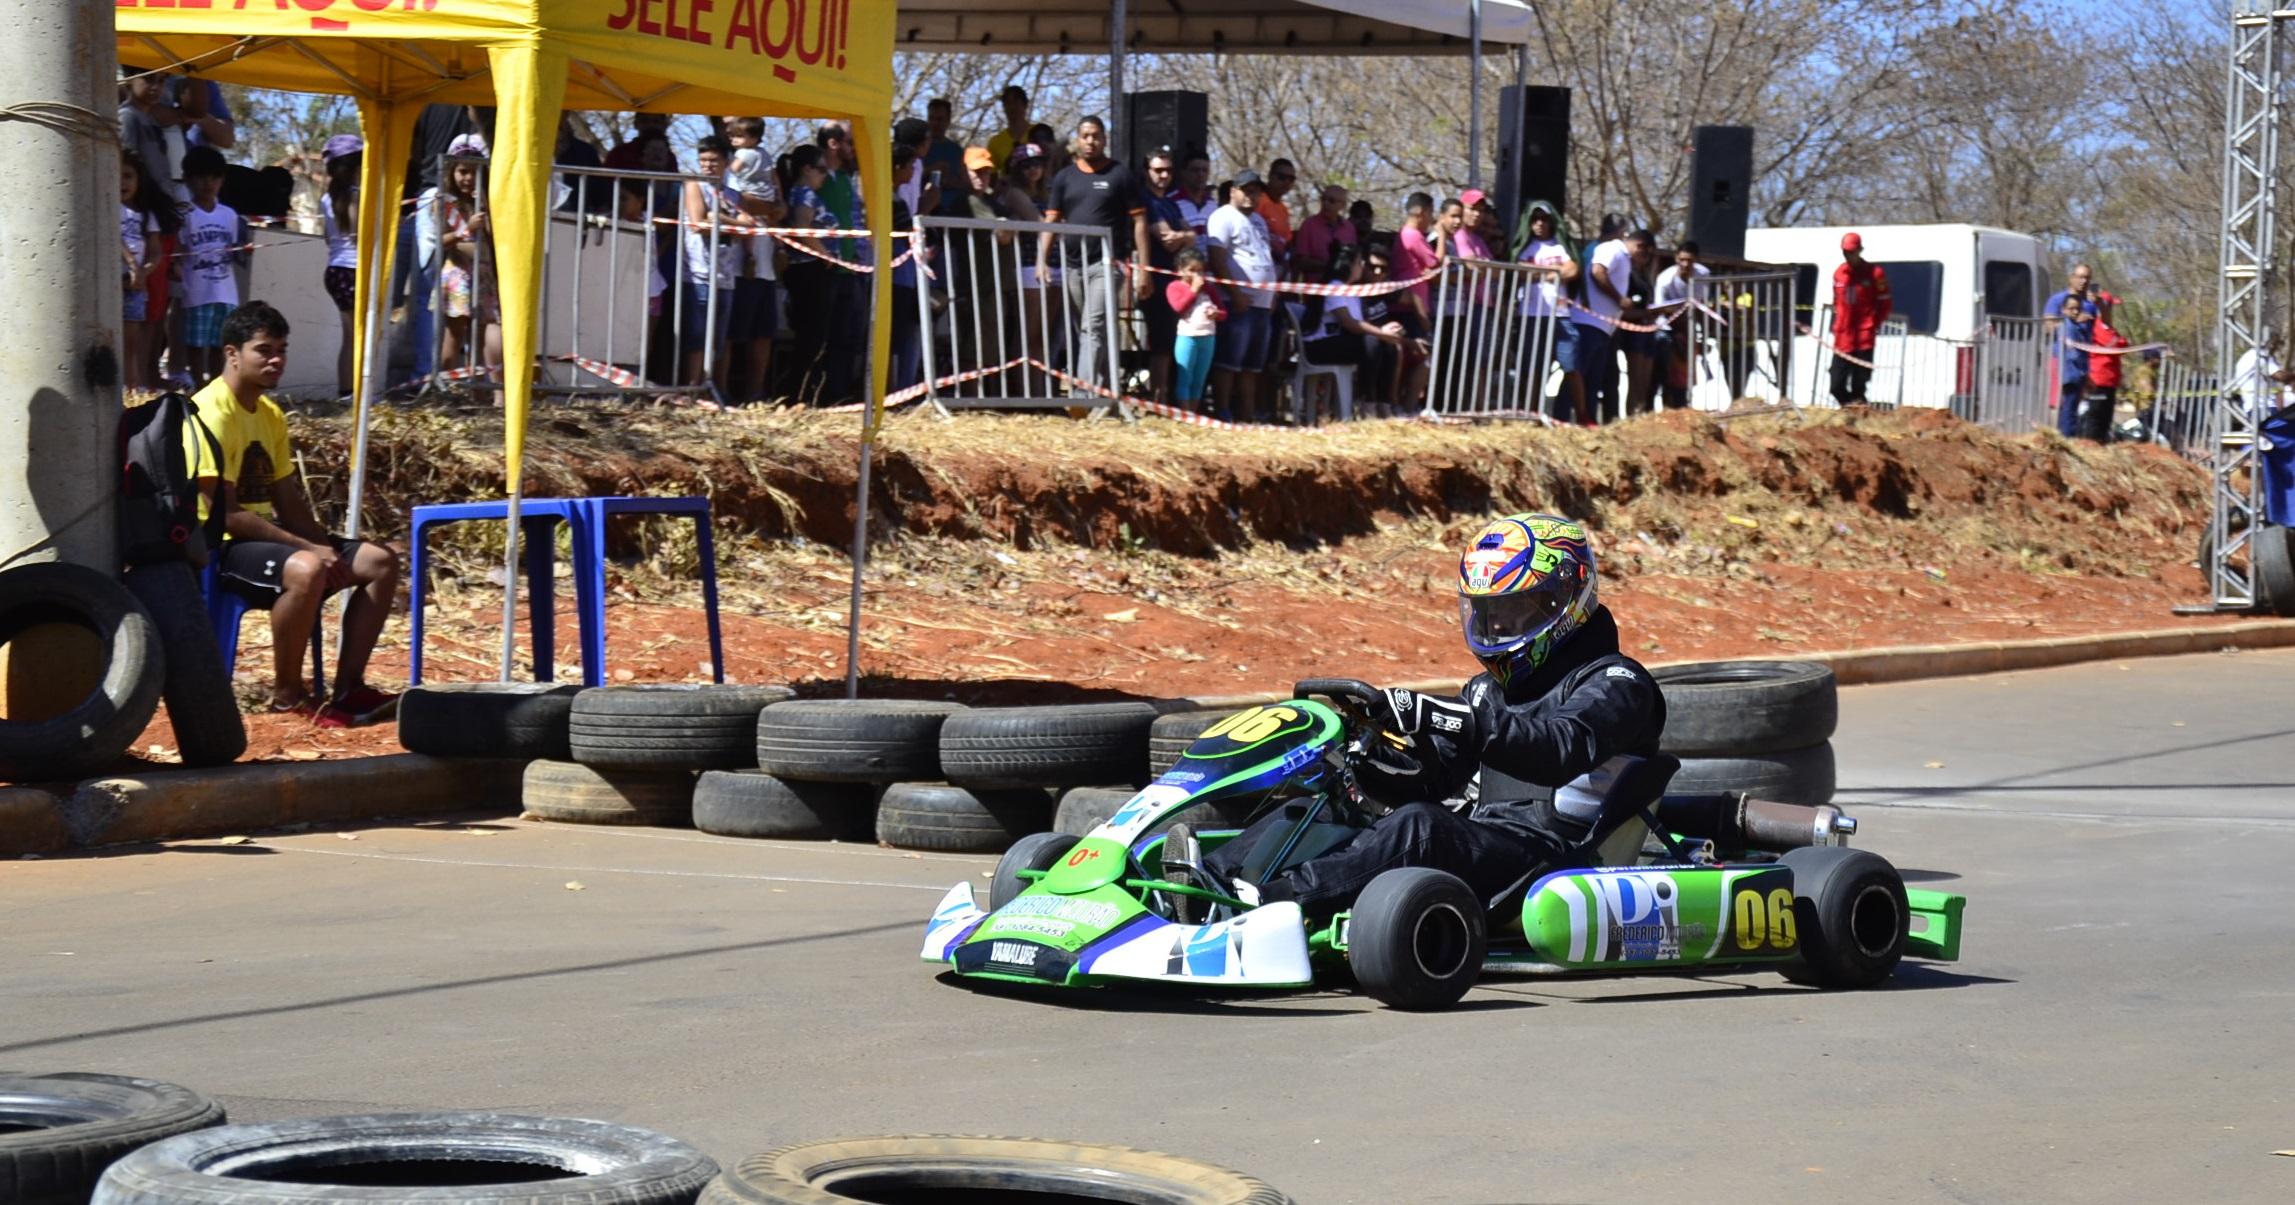 Imagem de destaque Circuito de Kart 2017